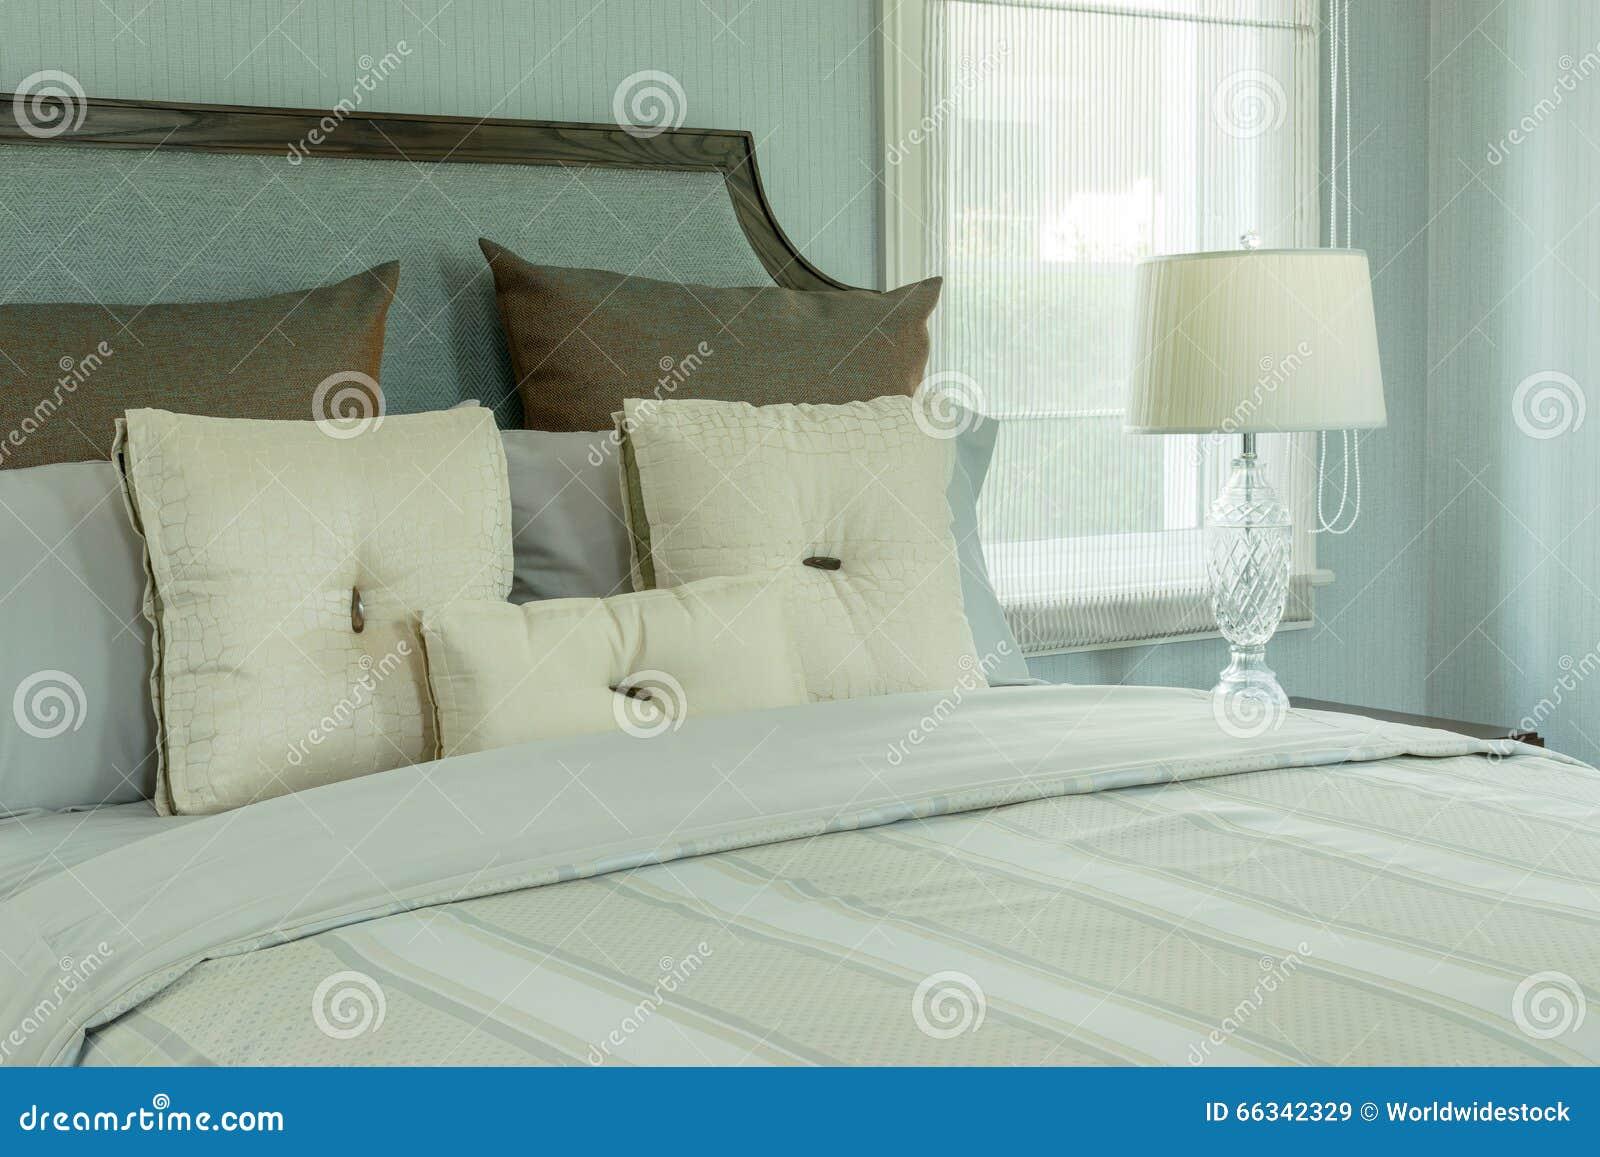 Bianchi disegno lampadari - Lampade da lettura a letto ...